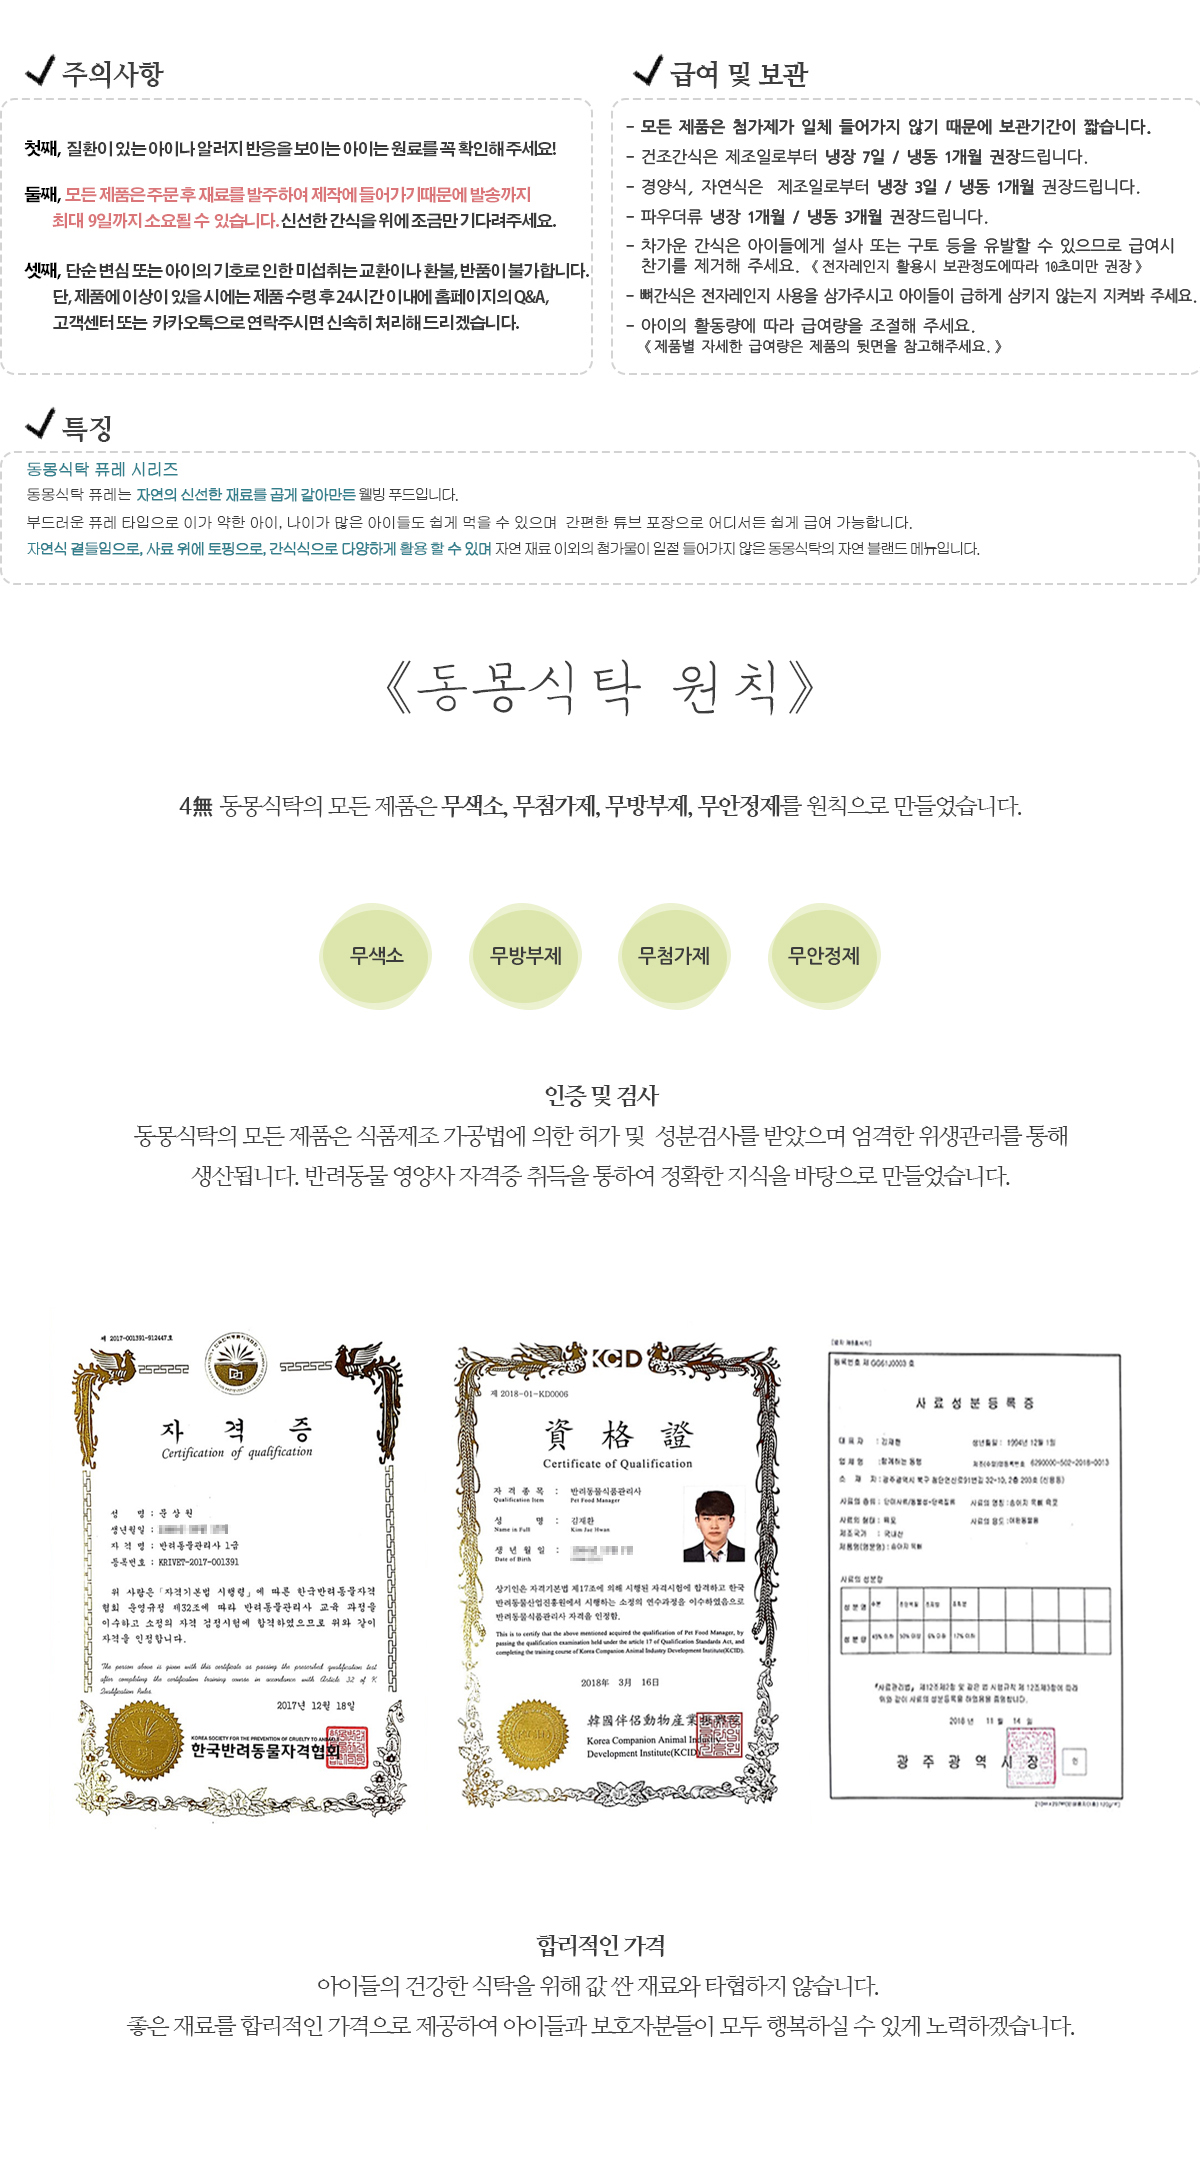 강아지 수제간식 오리다리 1p, 55g - 동몽식탁, 5,000원, 간식/영양제, 수제간식